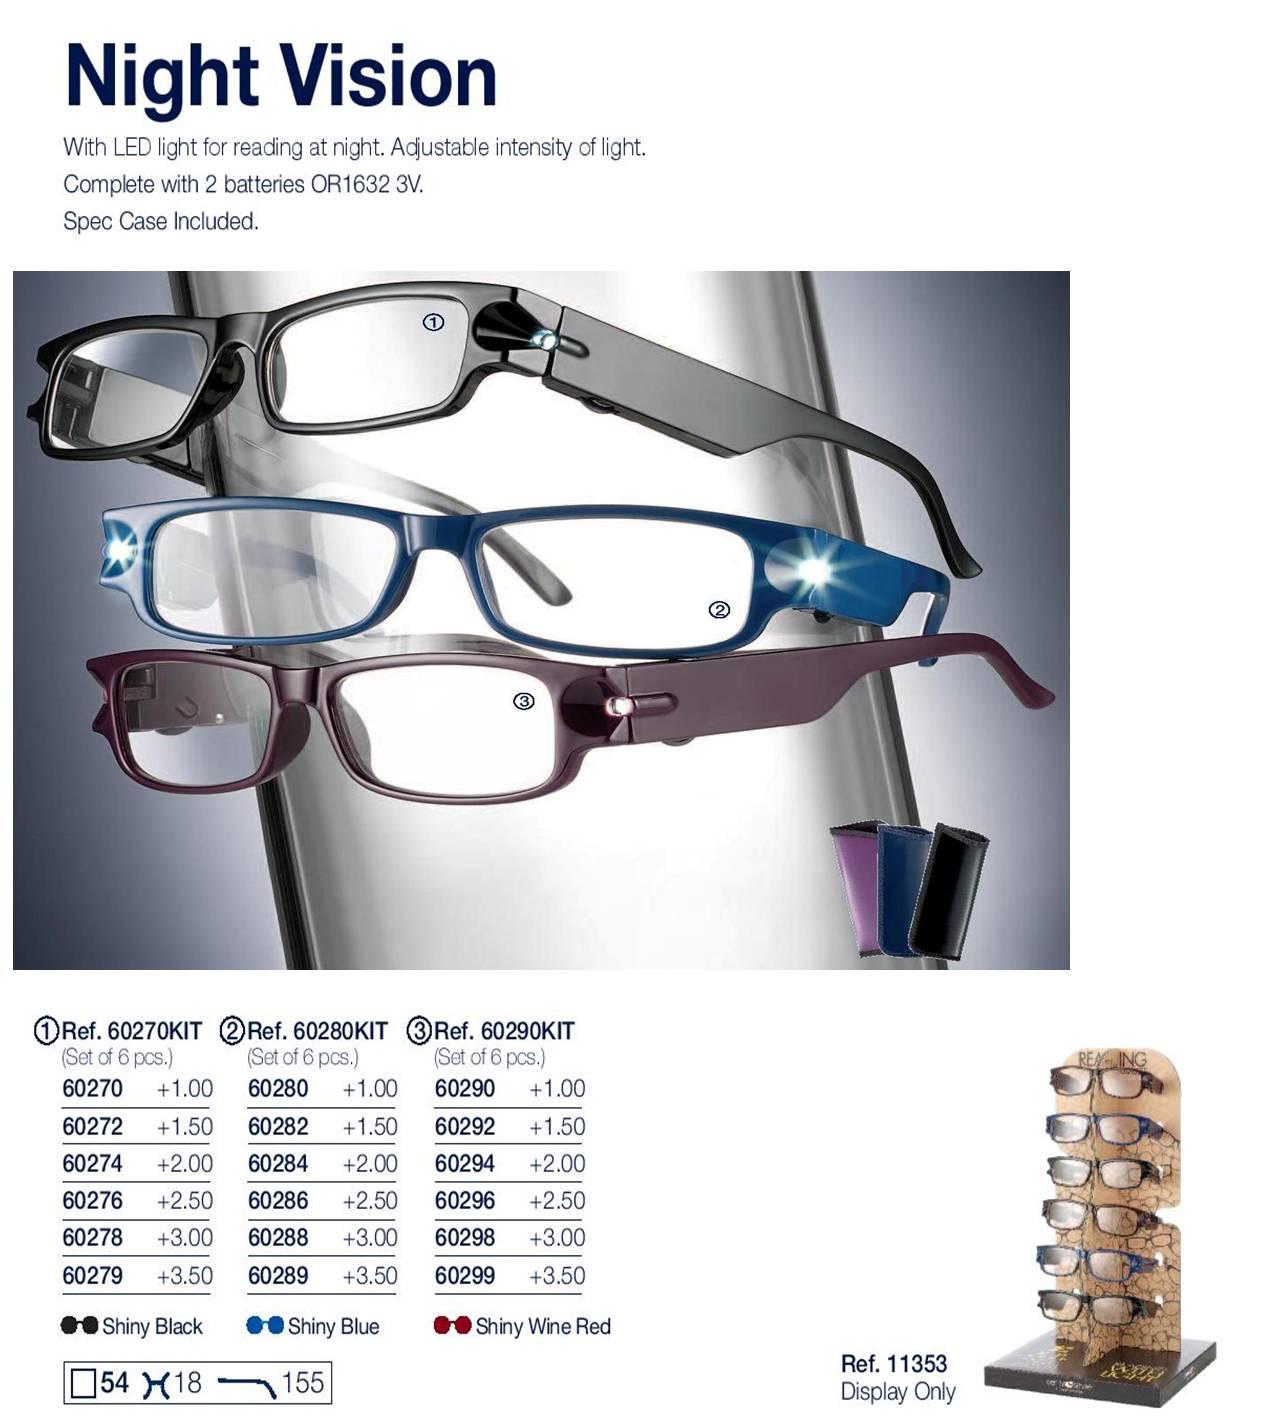 0260299 - Óculos Leitura Night Vision Bordo +3,50 Mod 60299 FLAG 9 - Contém 1 Peça